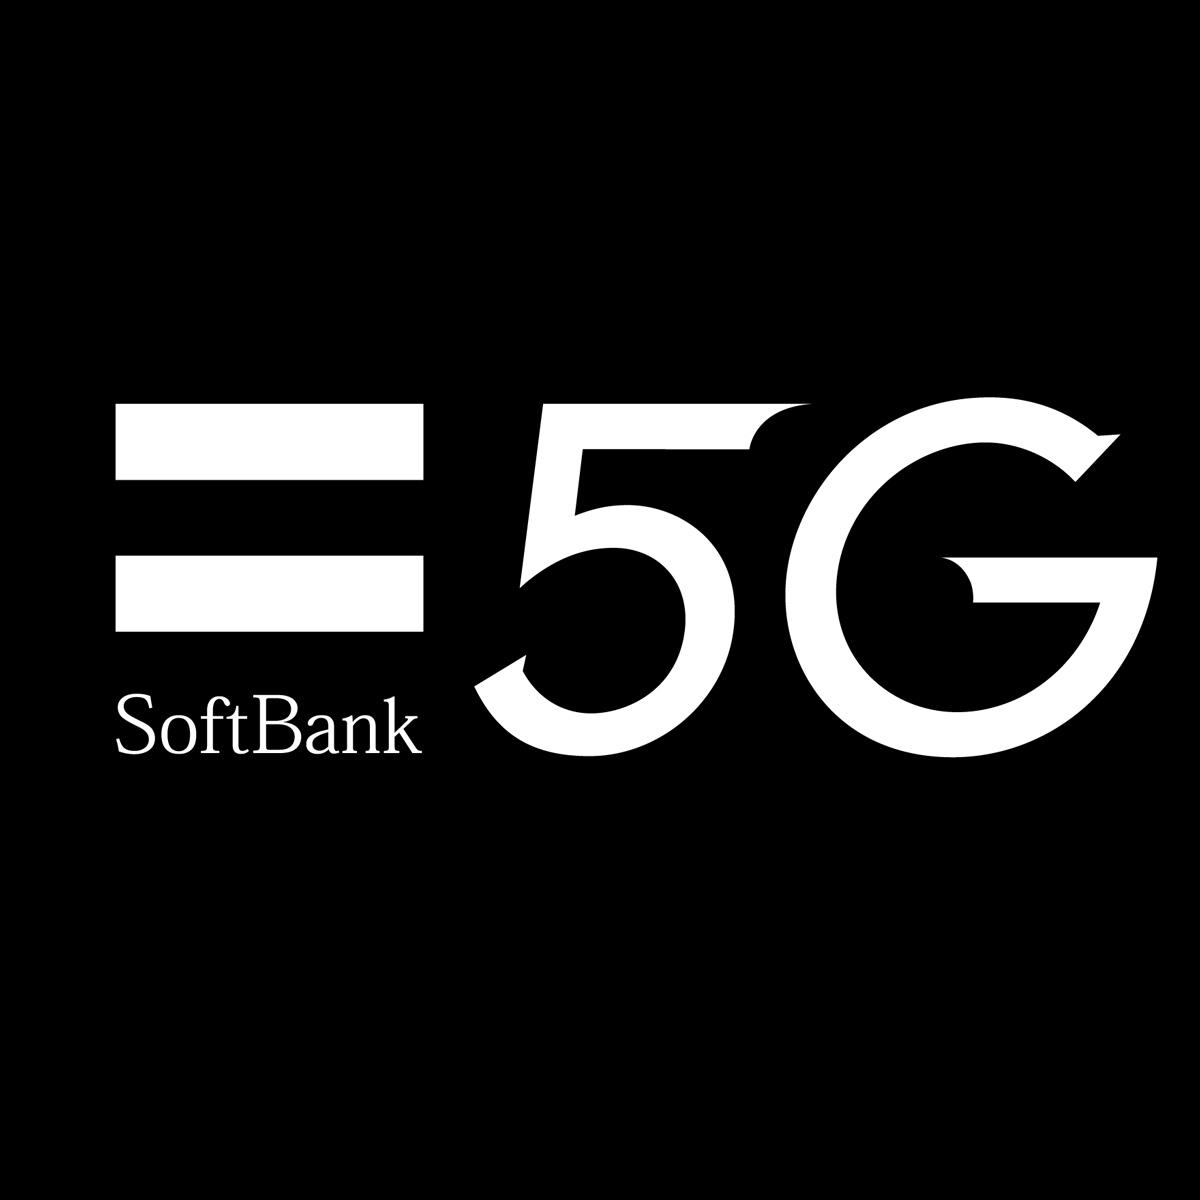 ソフトバンクが5G向け料金プランとキャンペーンを一部見直し